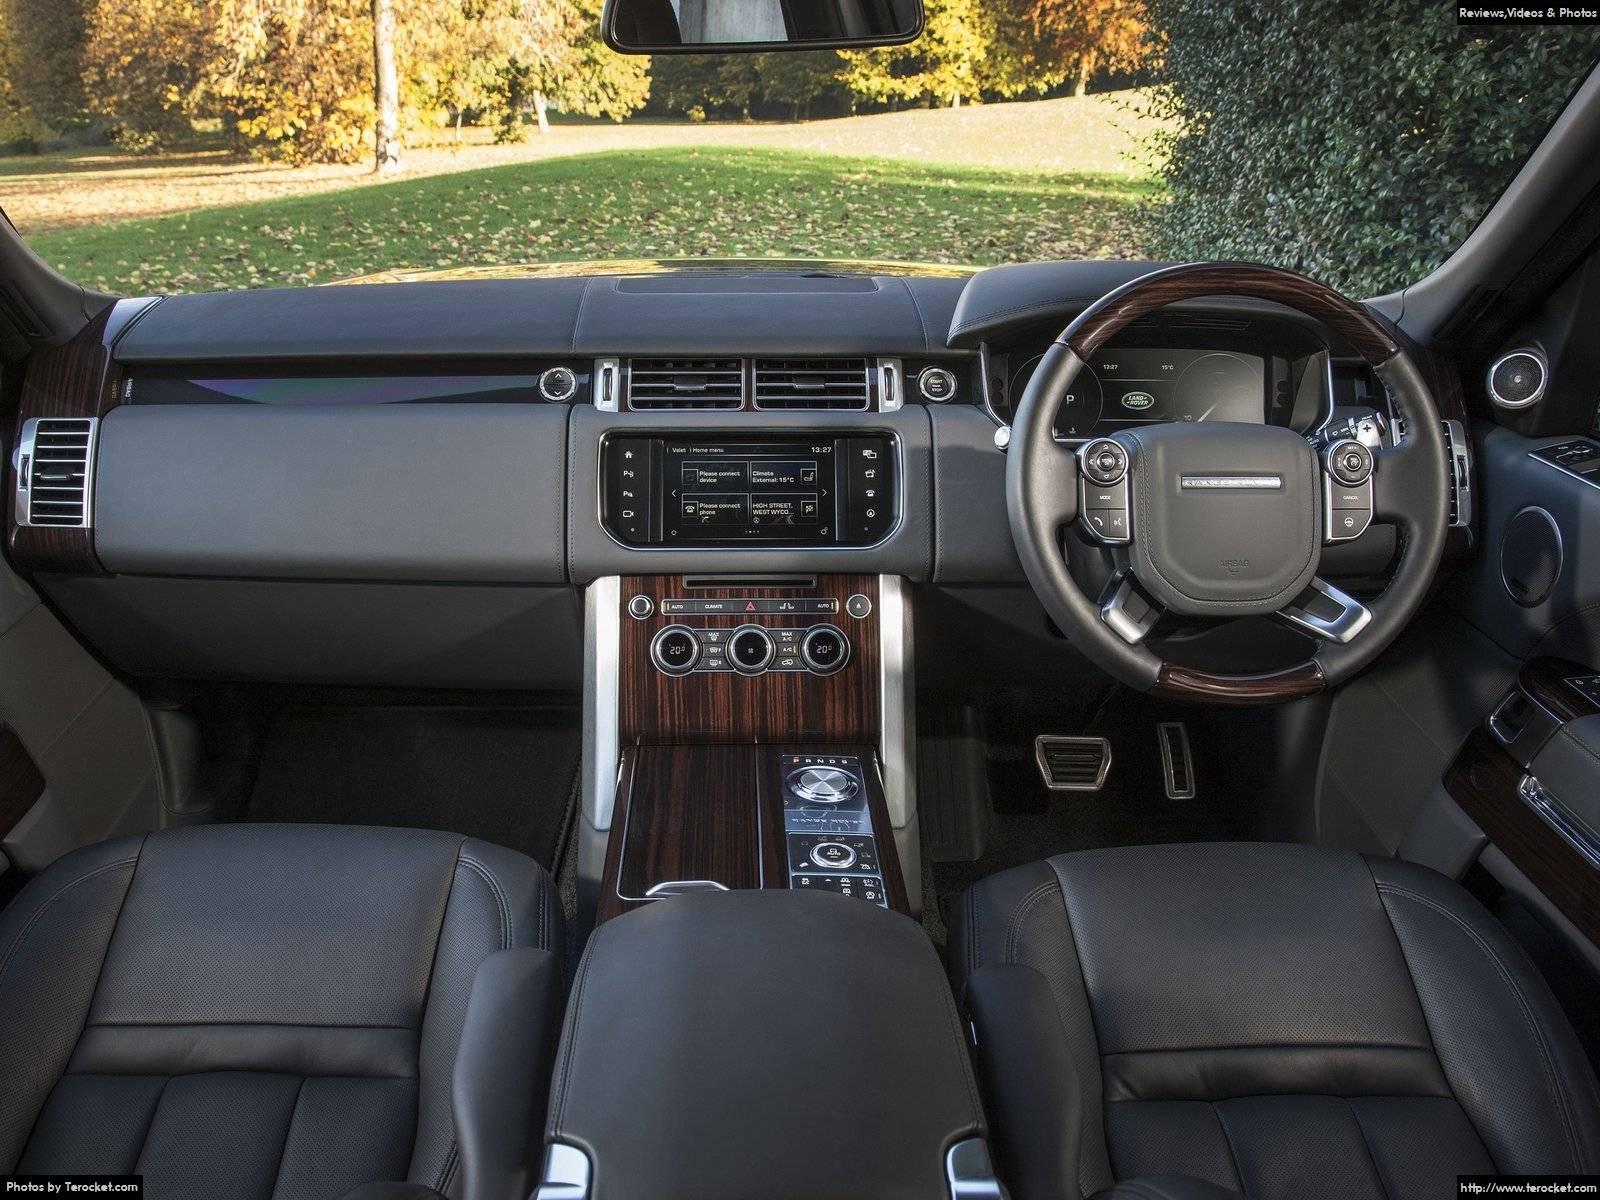 Nội thất của xe đơn giản, sang trọng, không rườm rà...nhưng cực thông minh